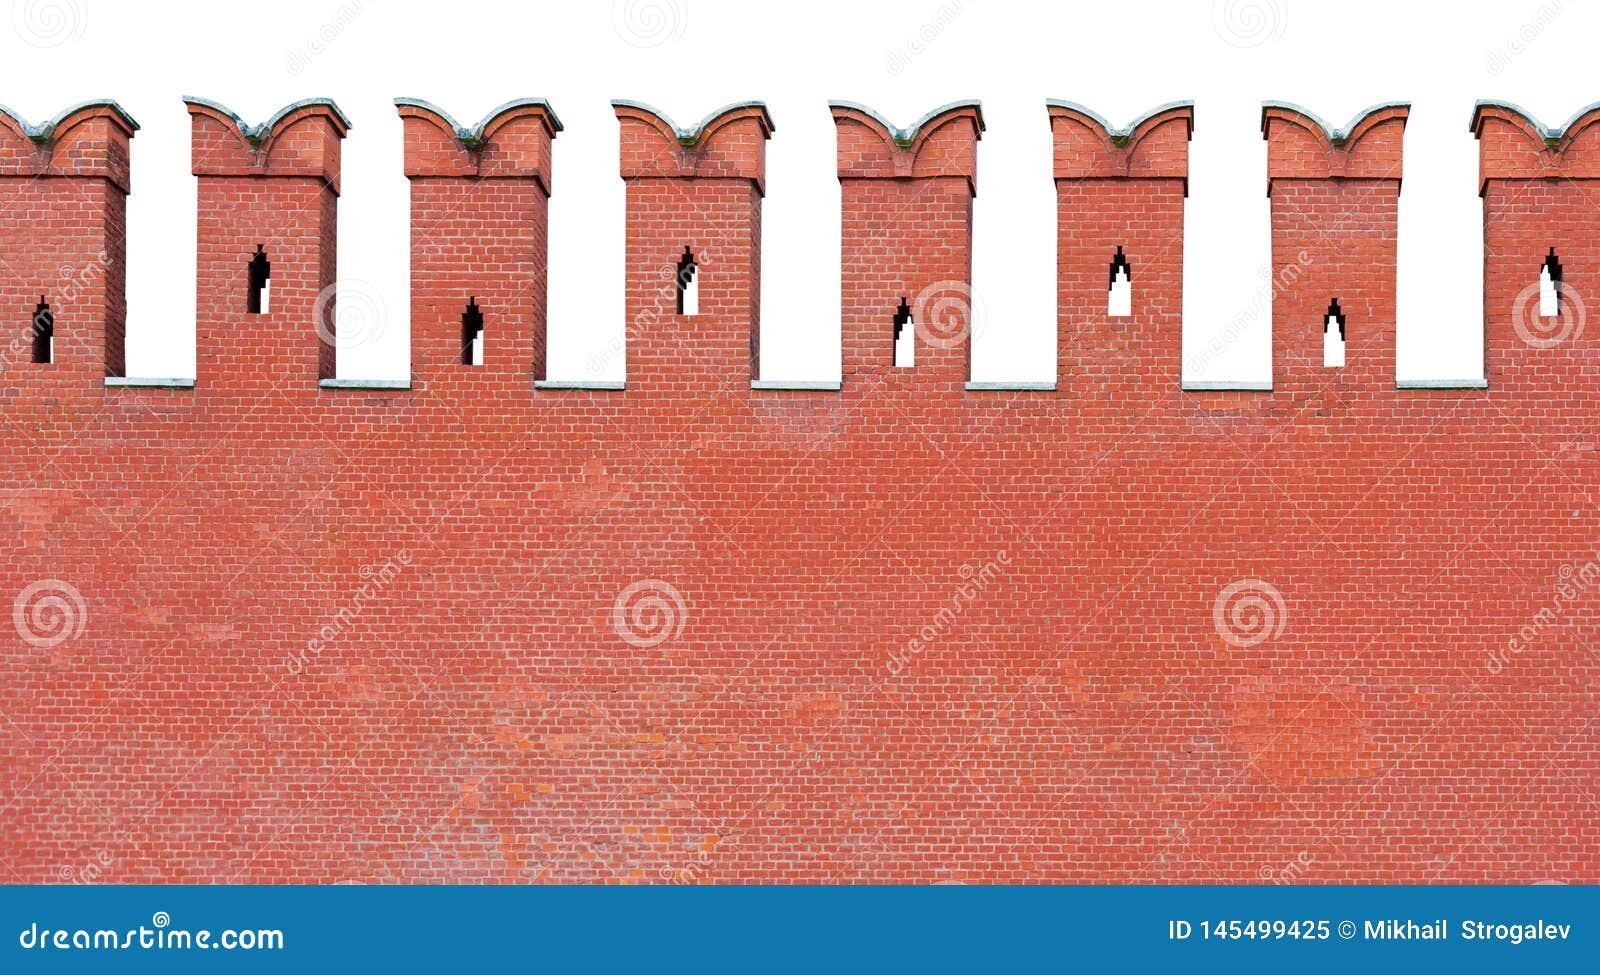 Czerep czerwona ściana z cegieł z kształtującym merlon battlement, odizolowywający na białym tle